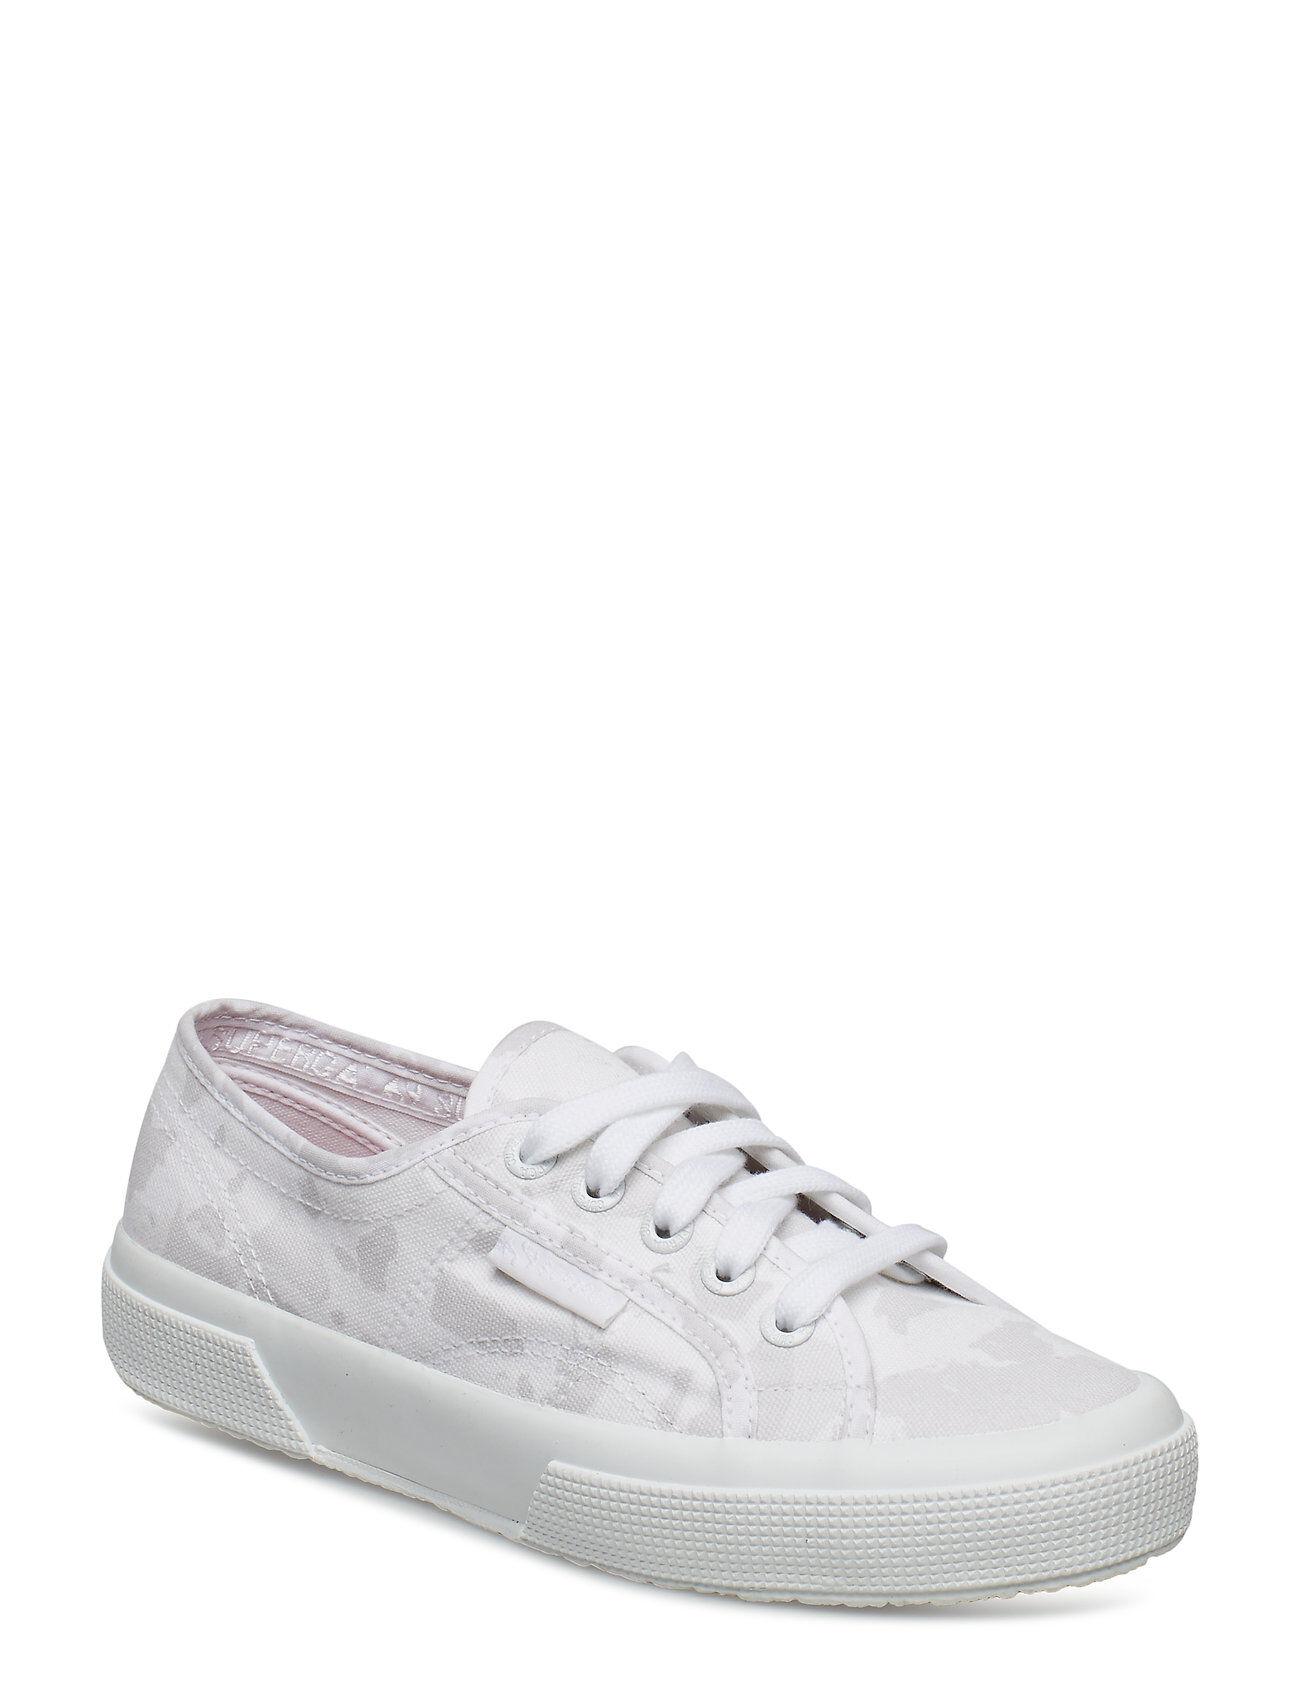 Superga 2750 Fancotu Matalavartiset Sneakerit Tennarit Valkoinen Superga